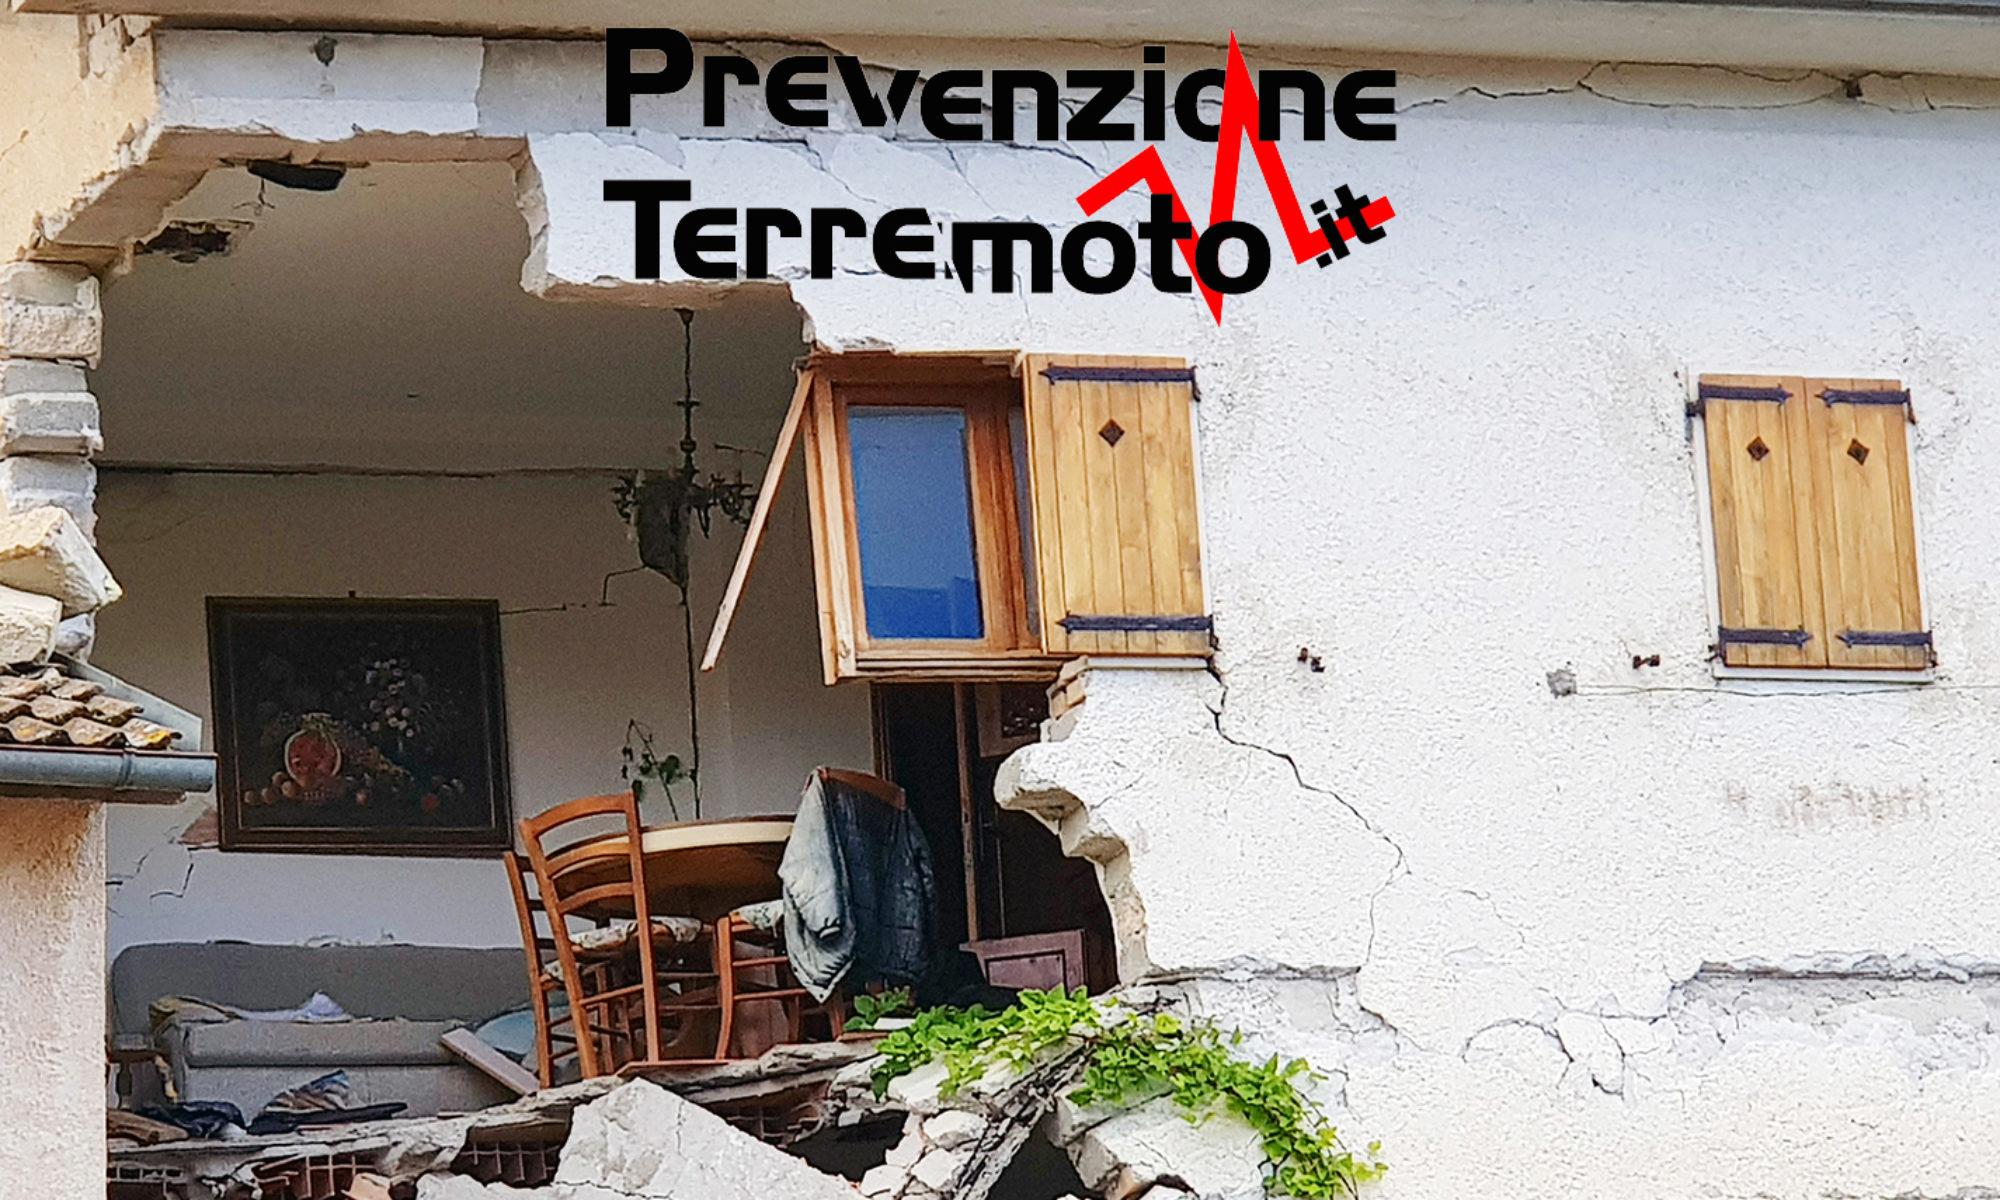 PREVENZIONE TERREMOTO